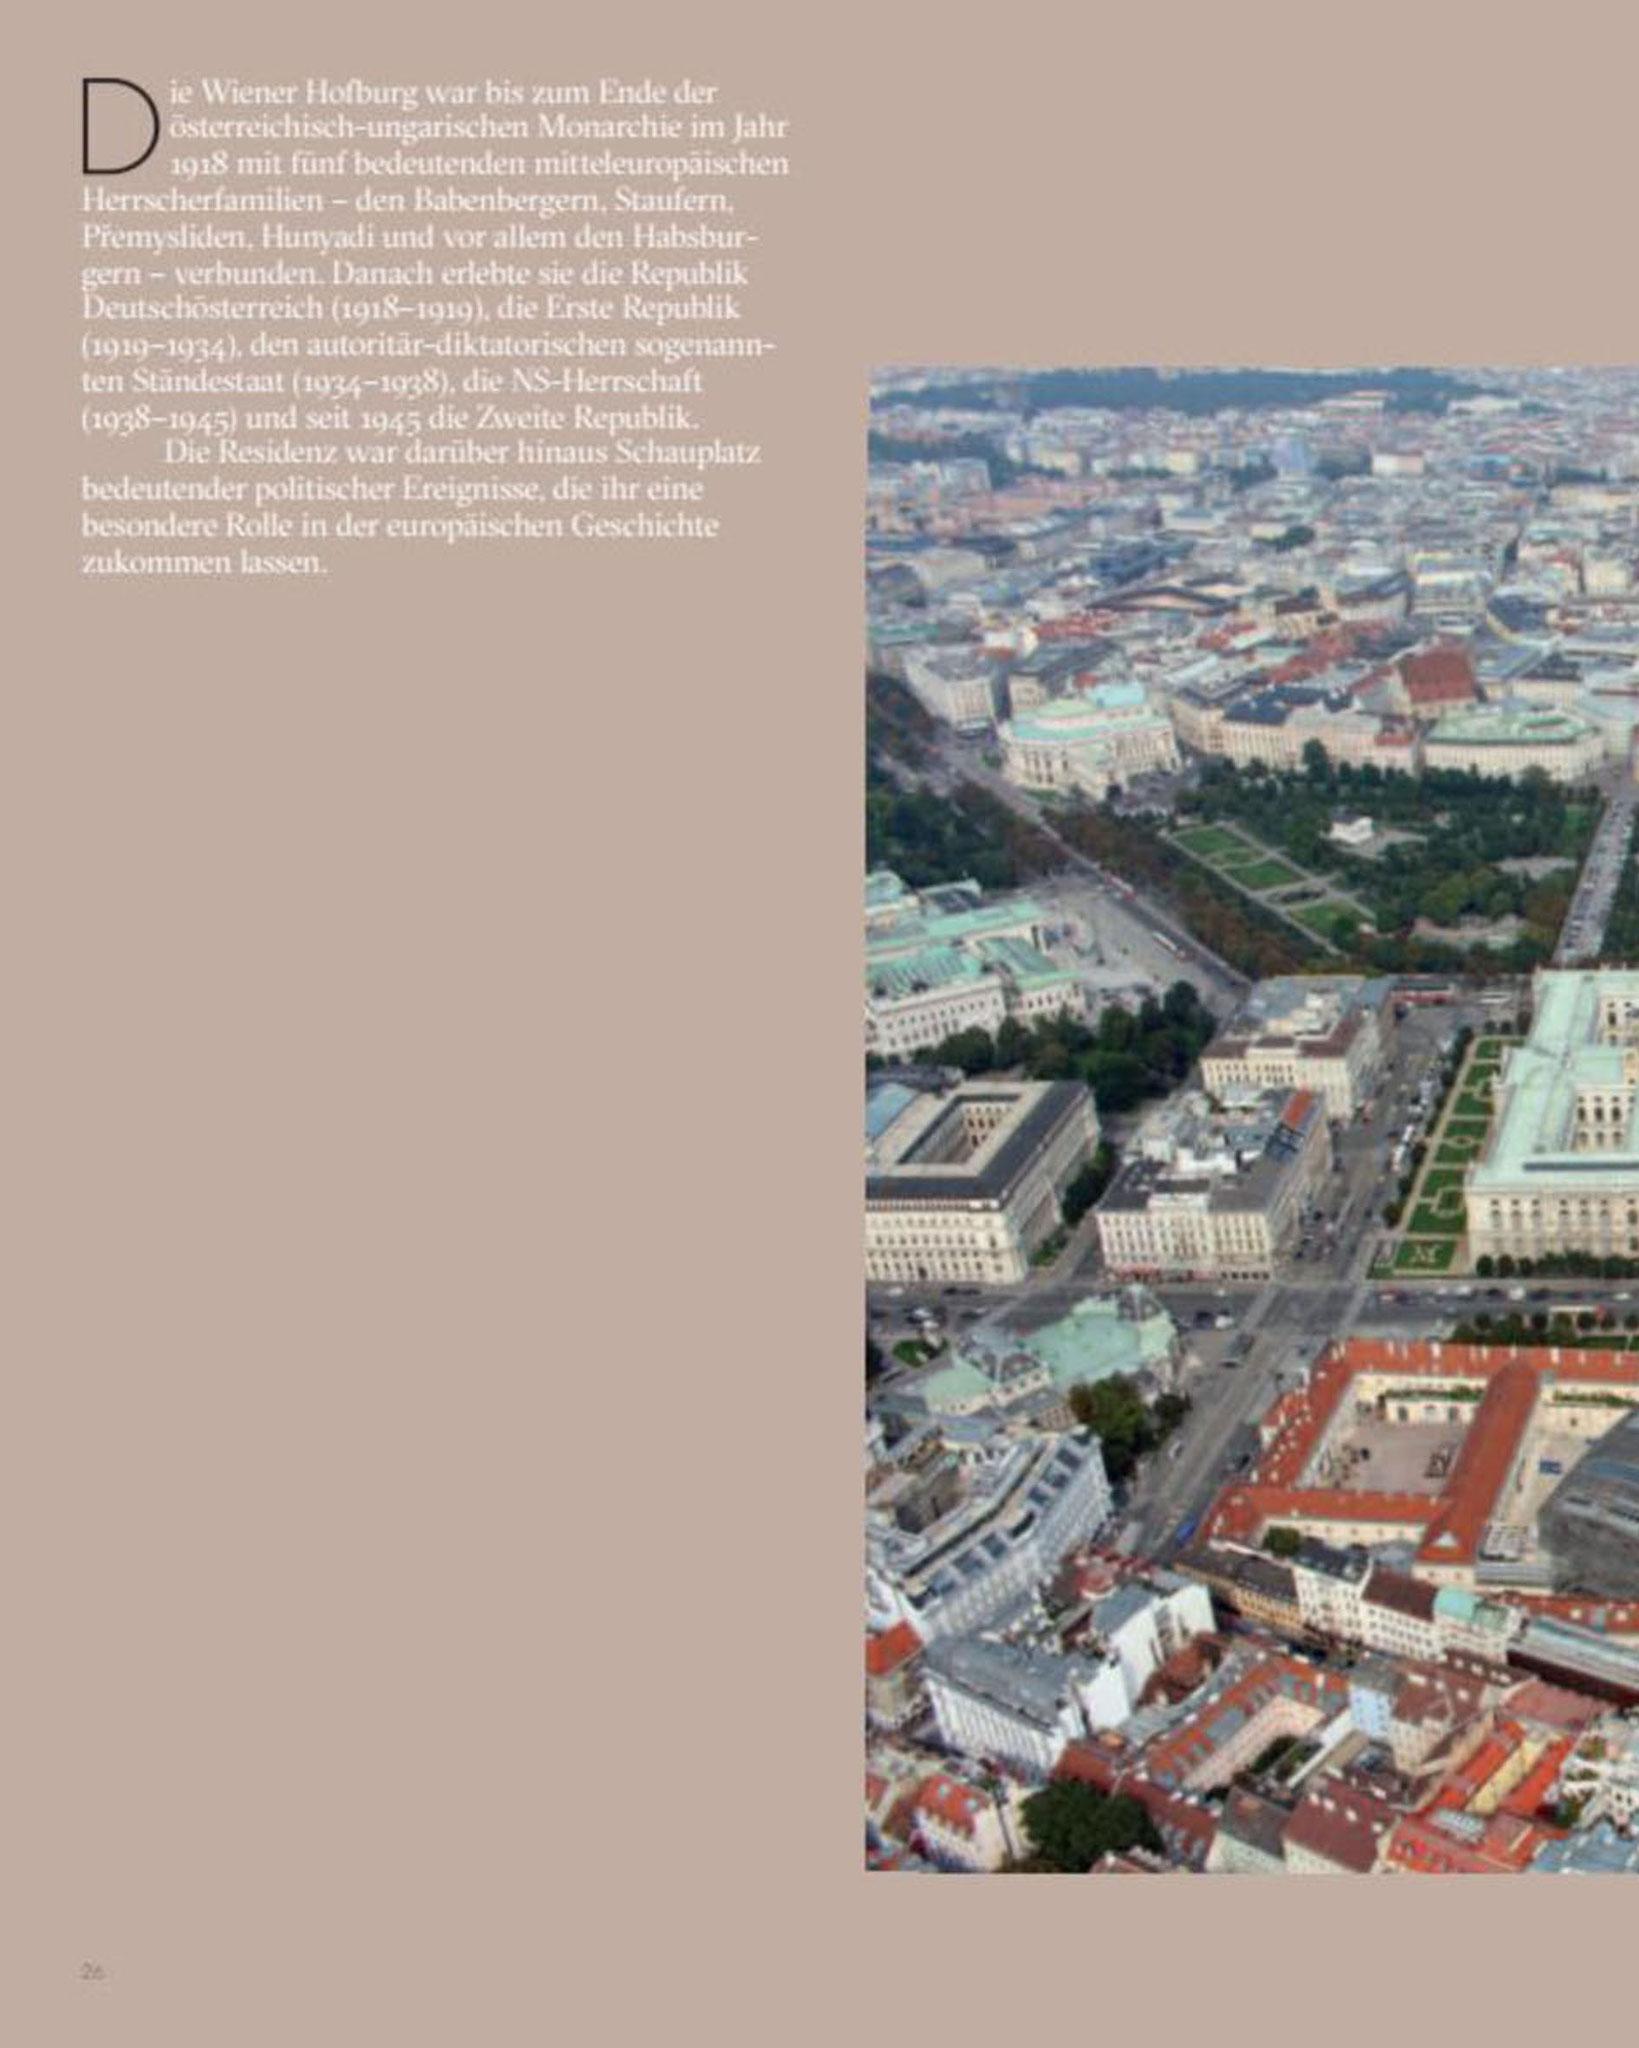 Doppelseite Gesamtansicht / Luftbild © Stefanie Grüssl